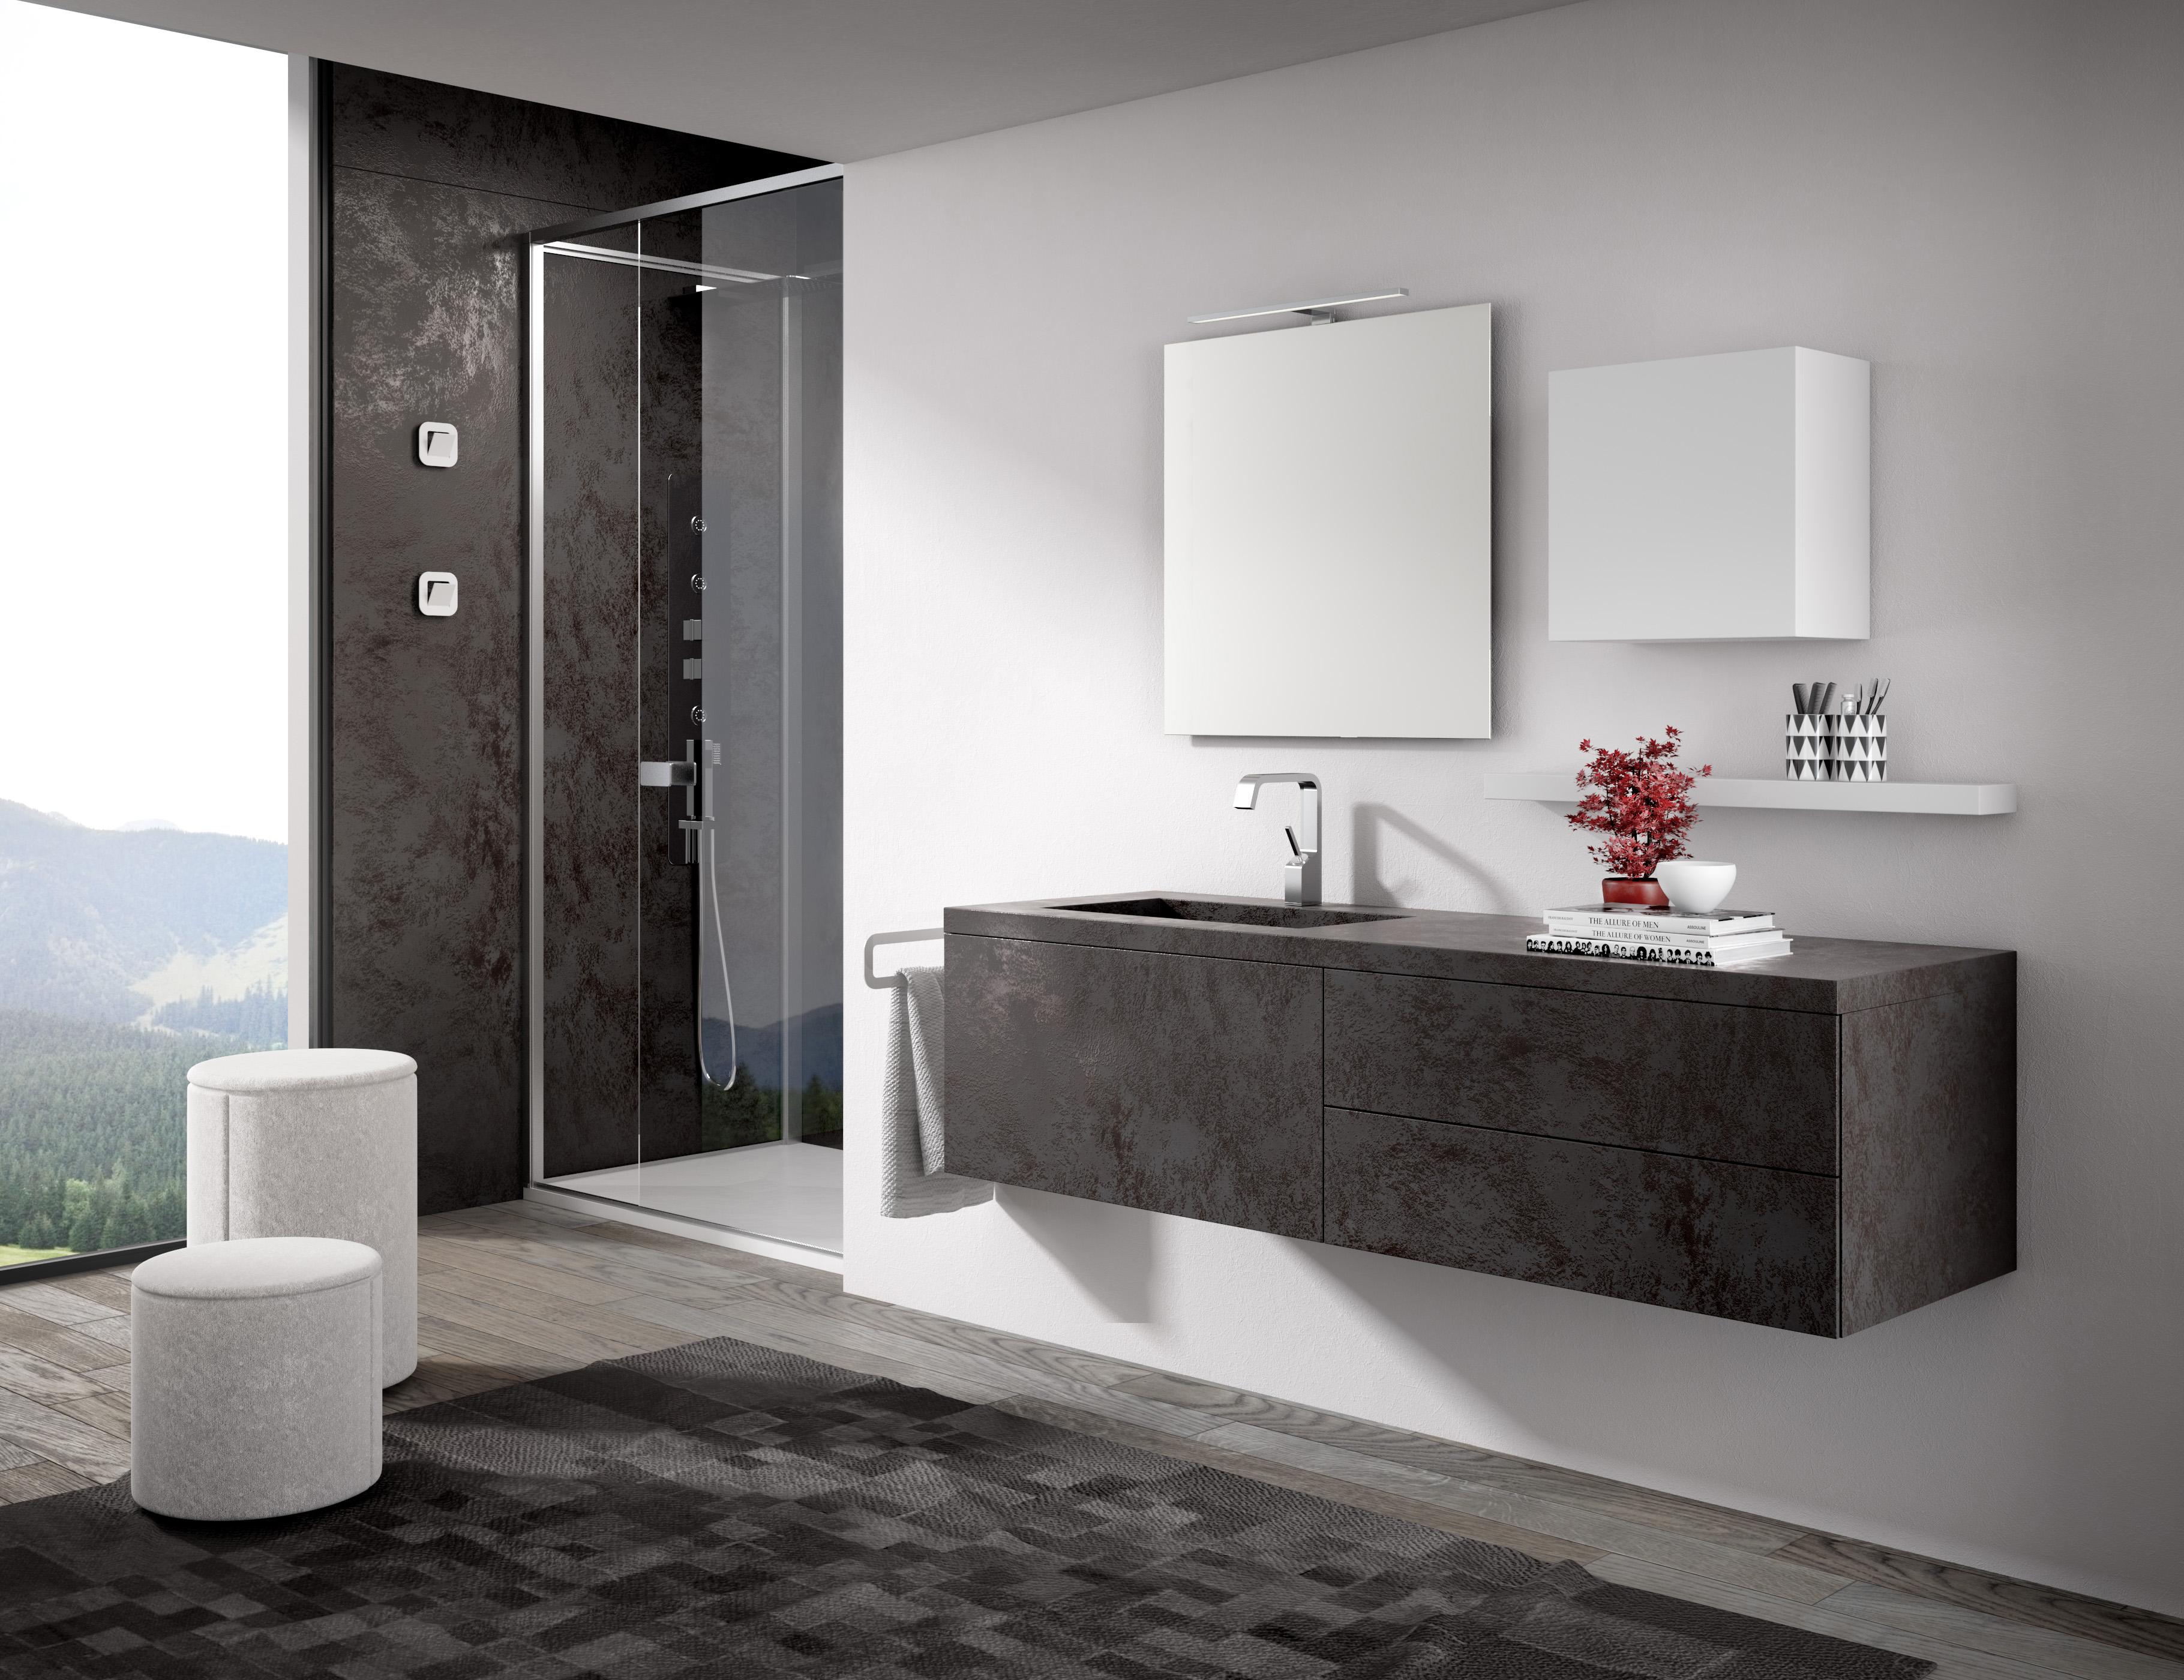 Lounge lam stone progetto bagno for Materiali per mobili